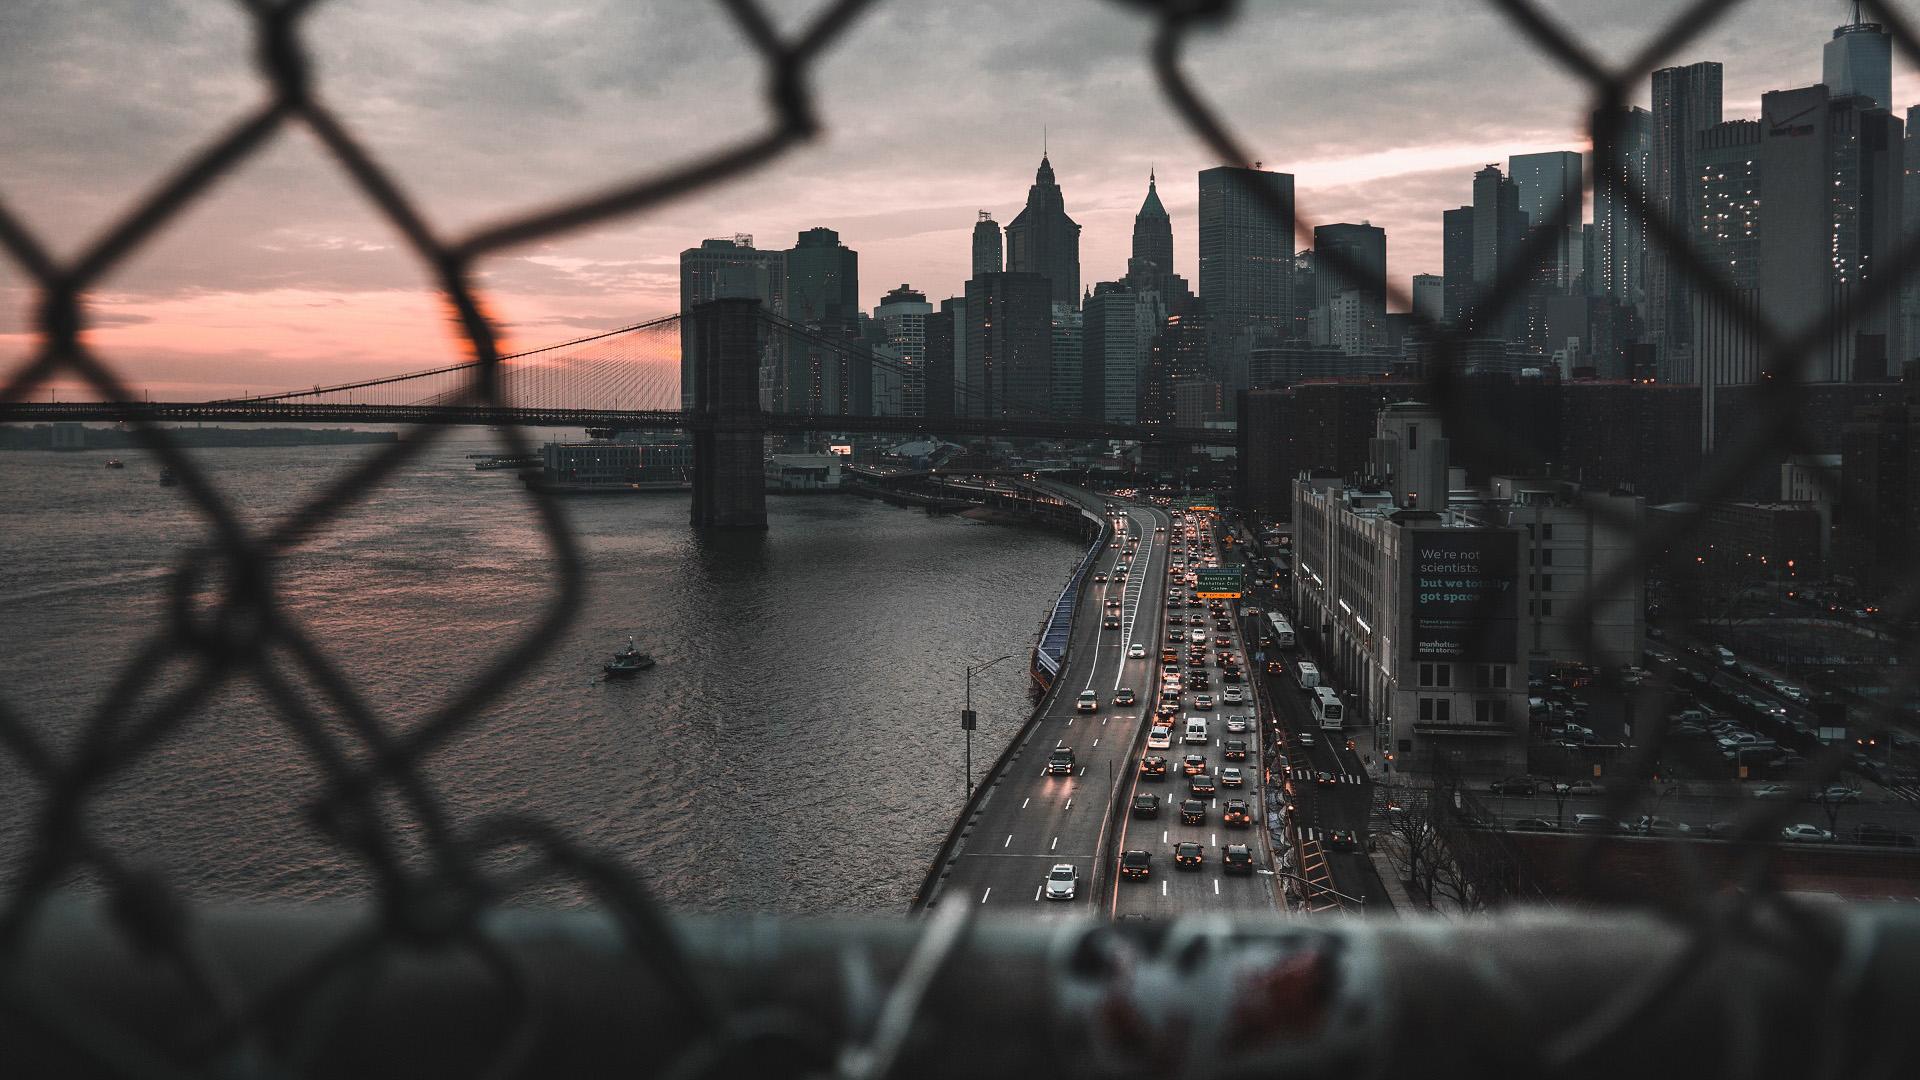 风景大片,城市夜景,都市,铁网,纽约